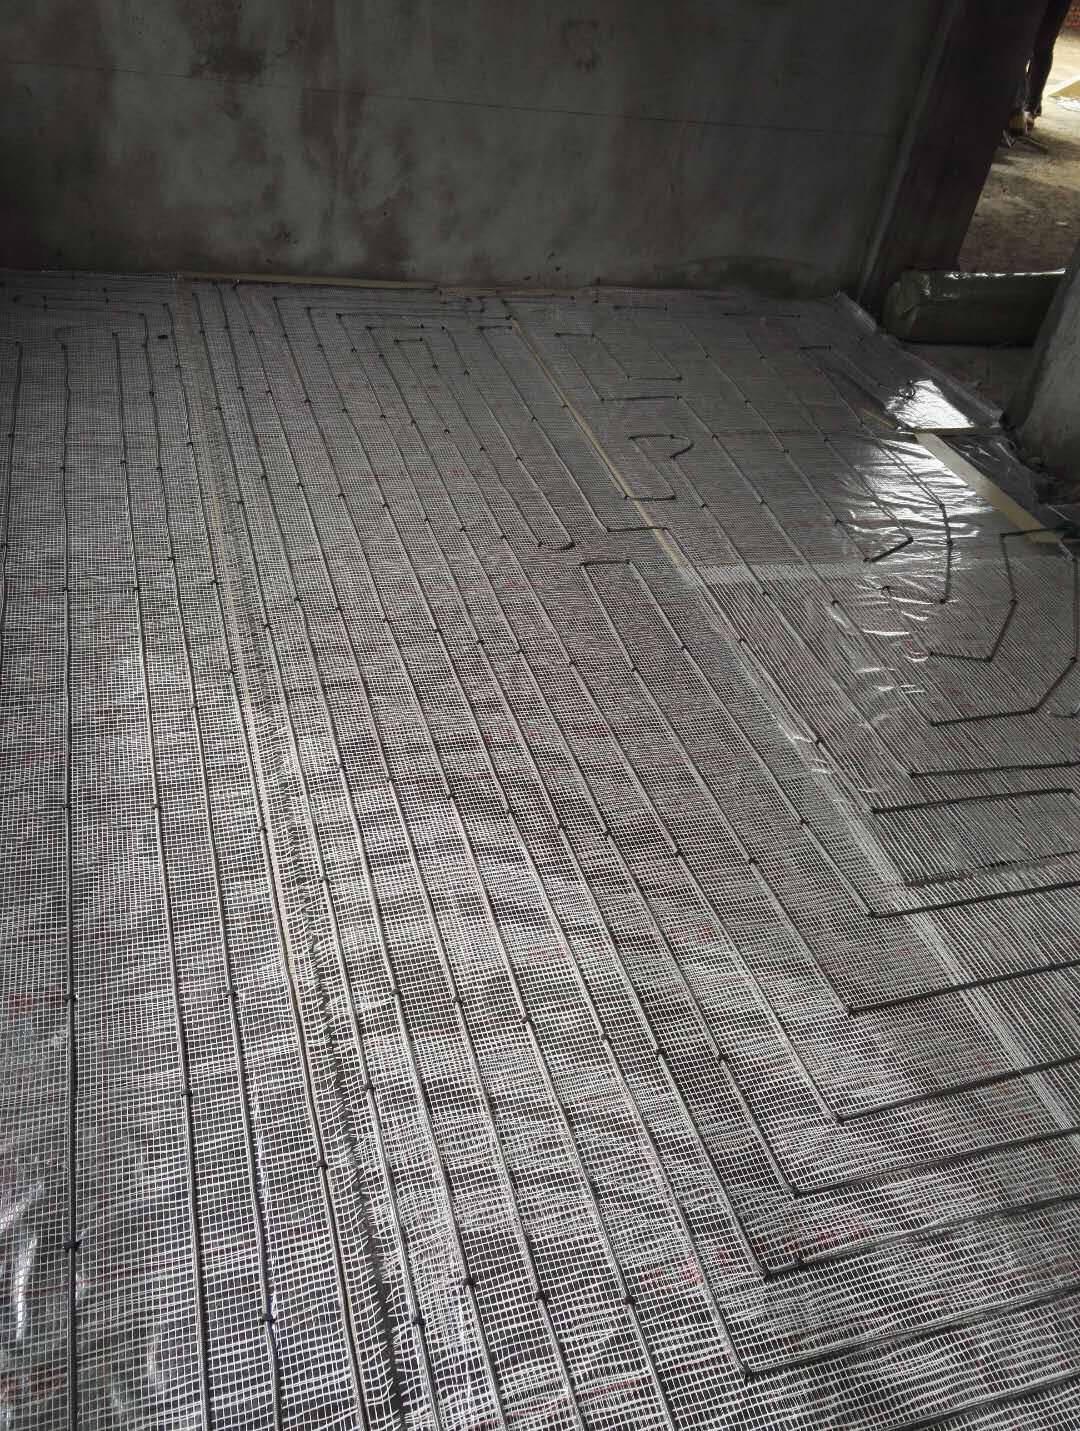 思予电地暖碳纤维电热膜家用电地暖石墨烯汗蒸养殖电地热地暖线包安装全国上门安装地暖石墨烯条状电热膜每平米